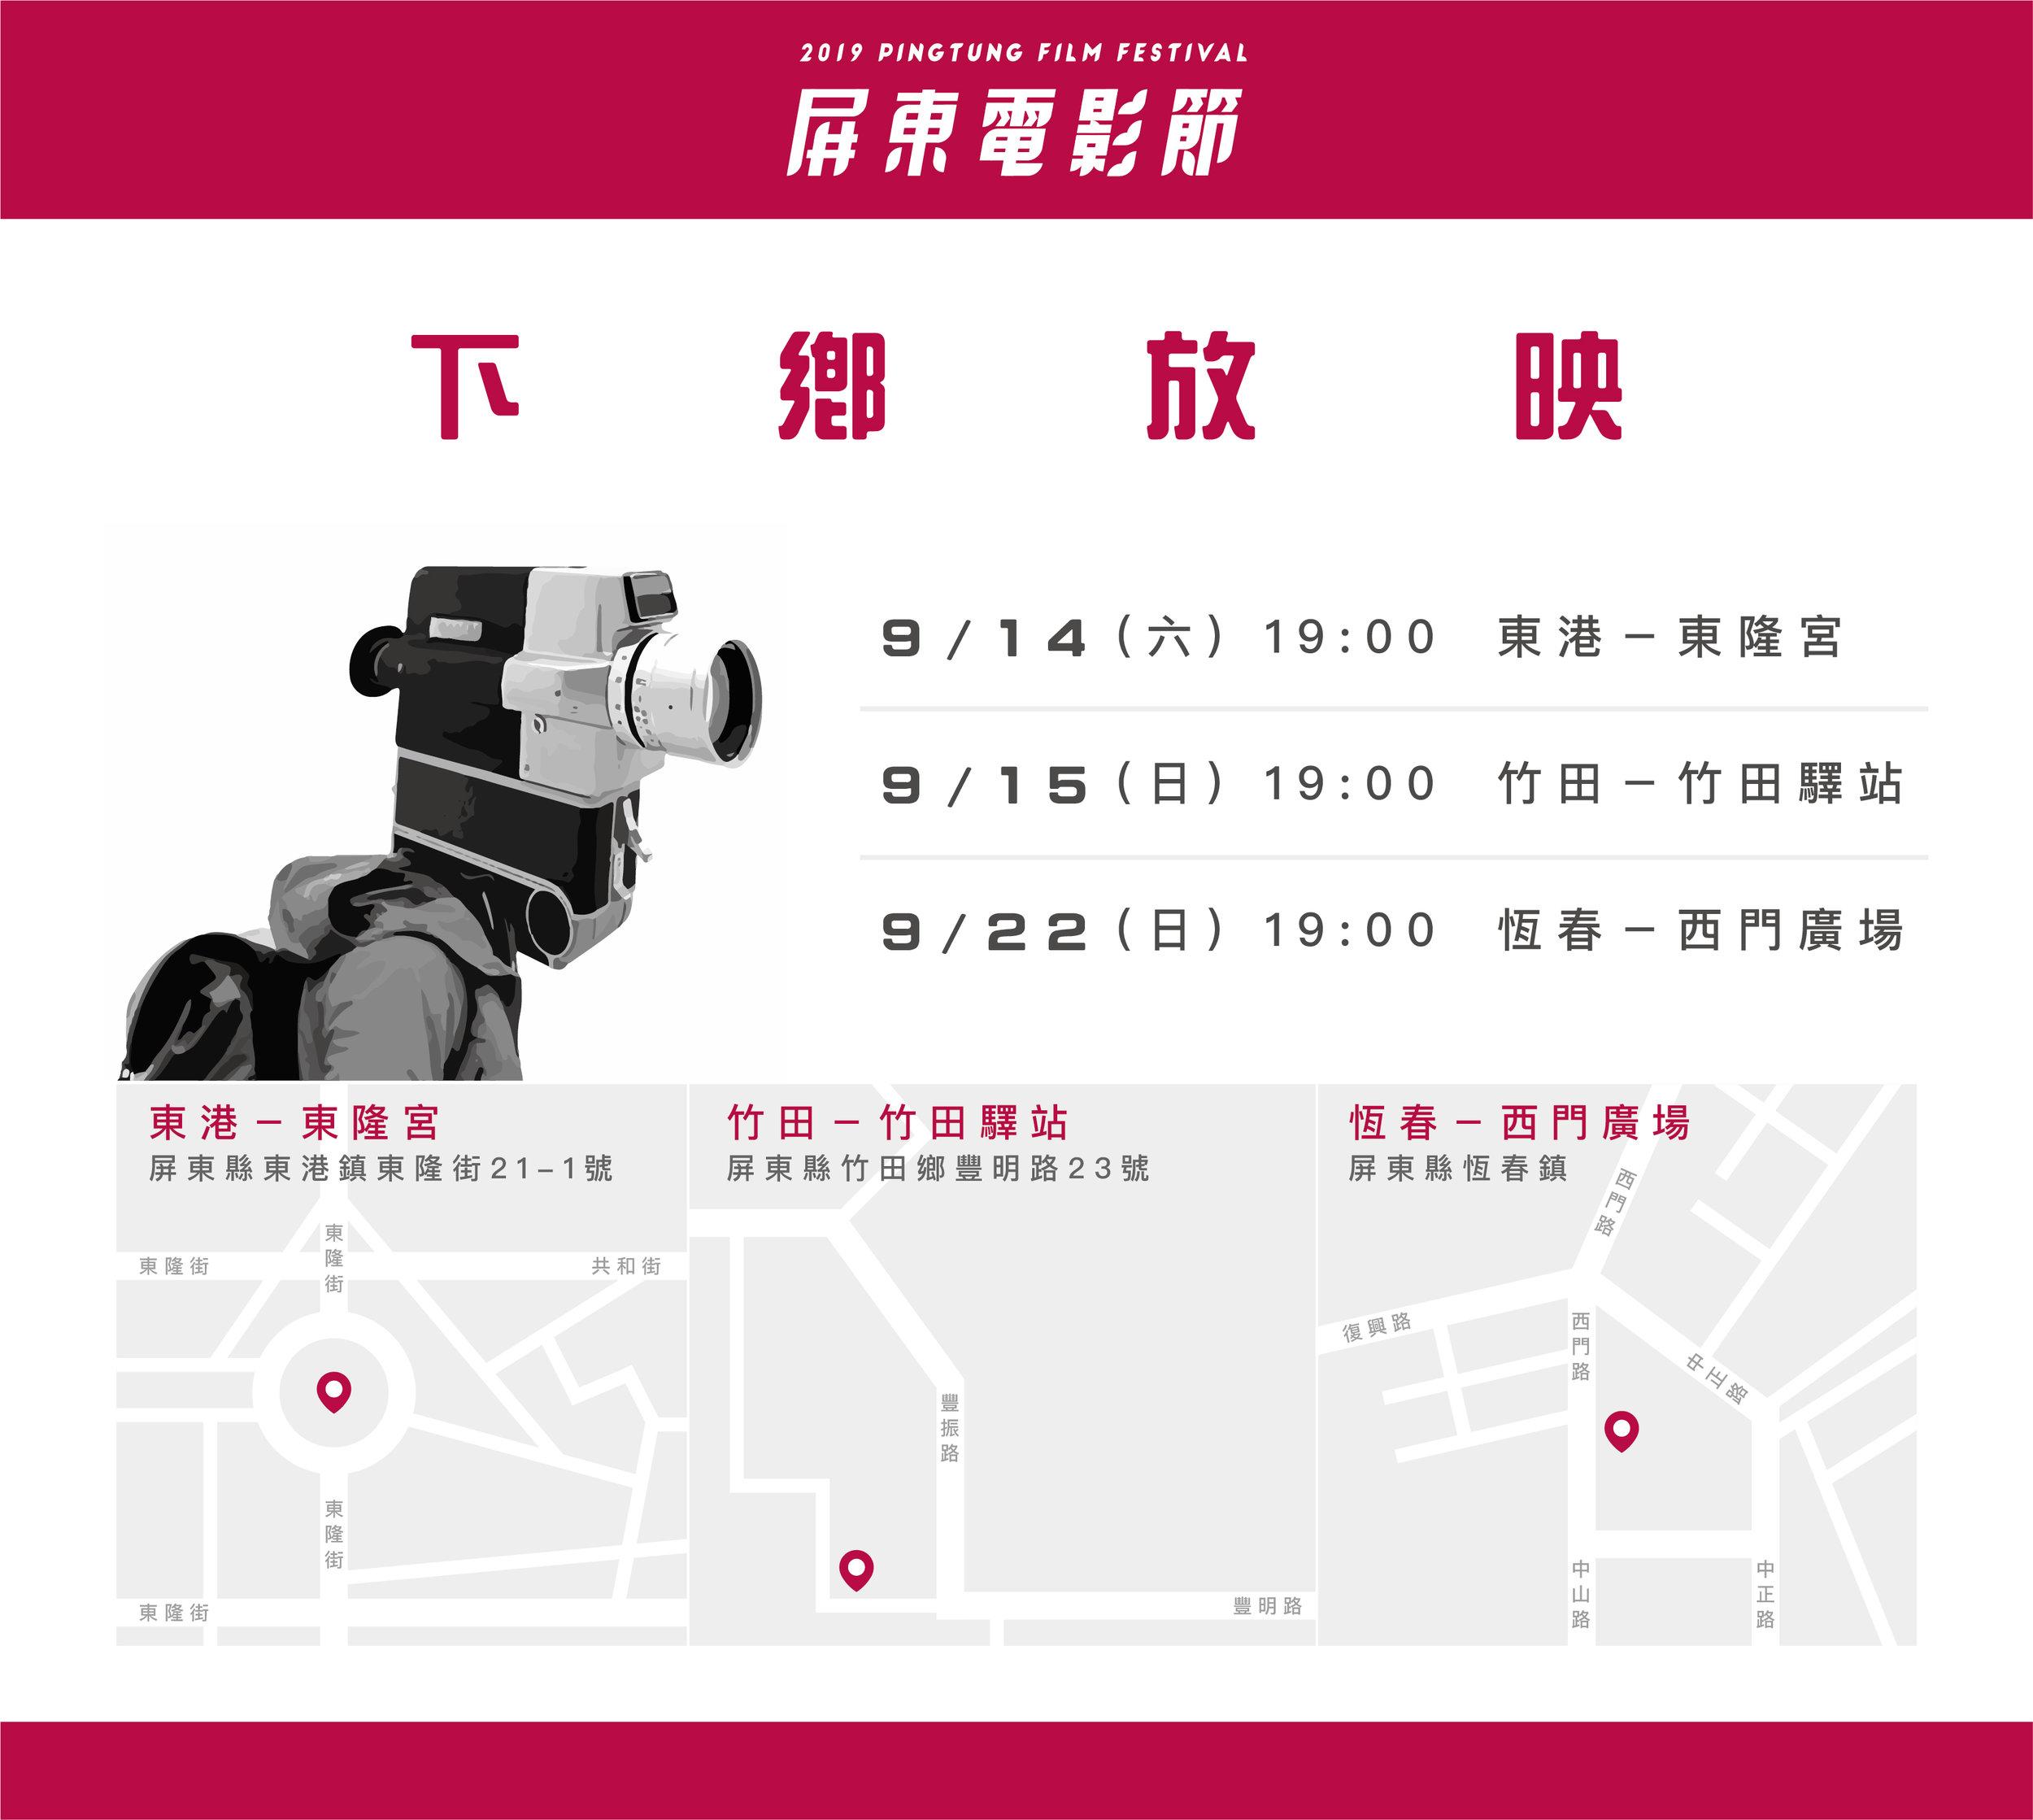 下鄉巡迴放映_工作區域 1.jpg